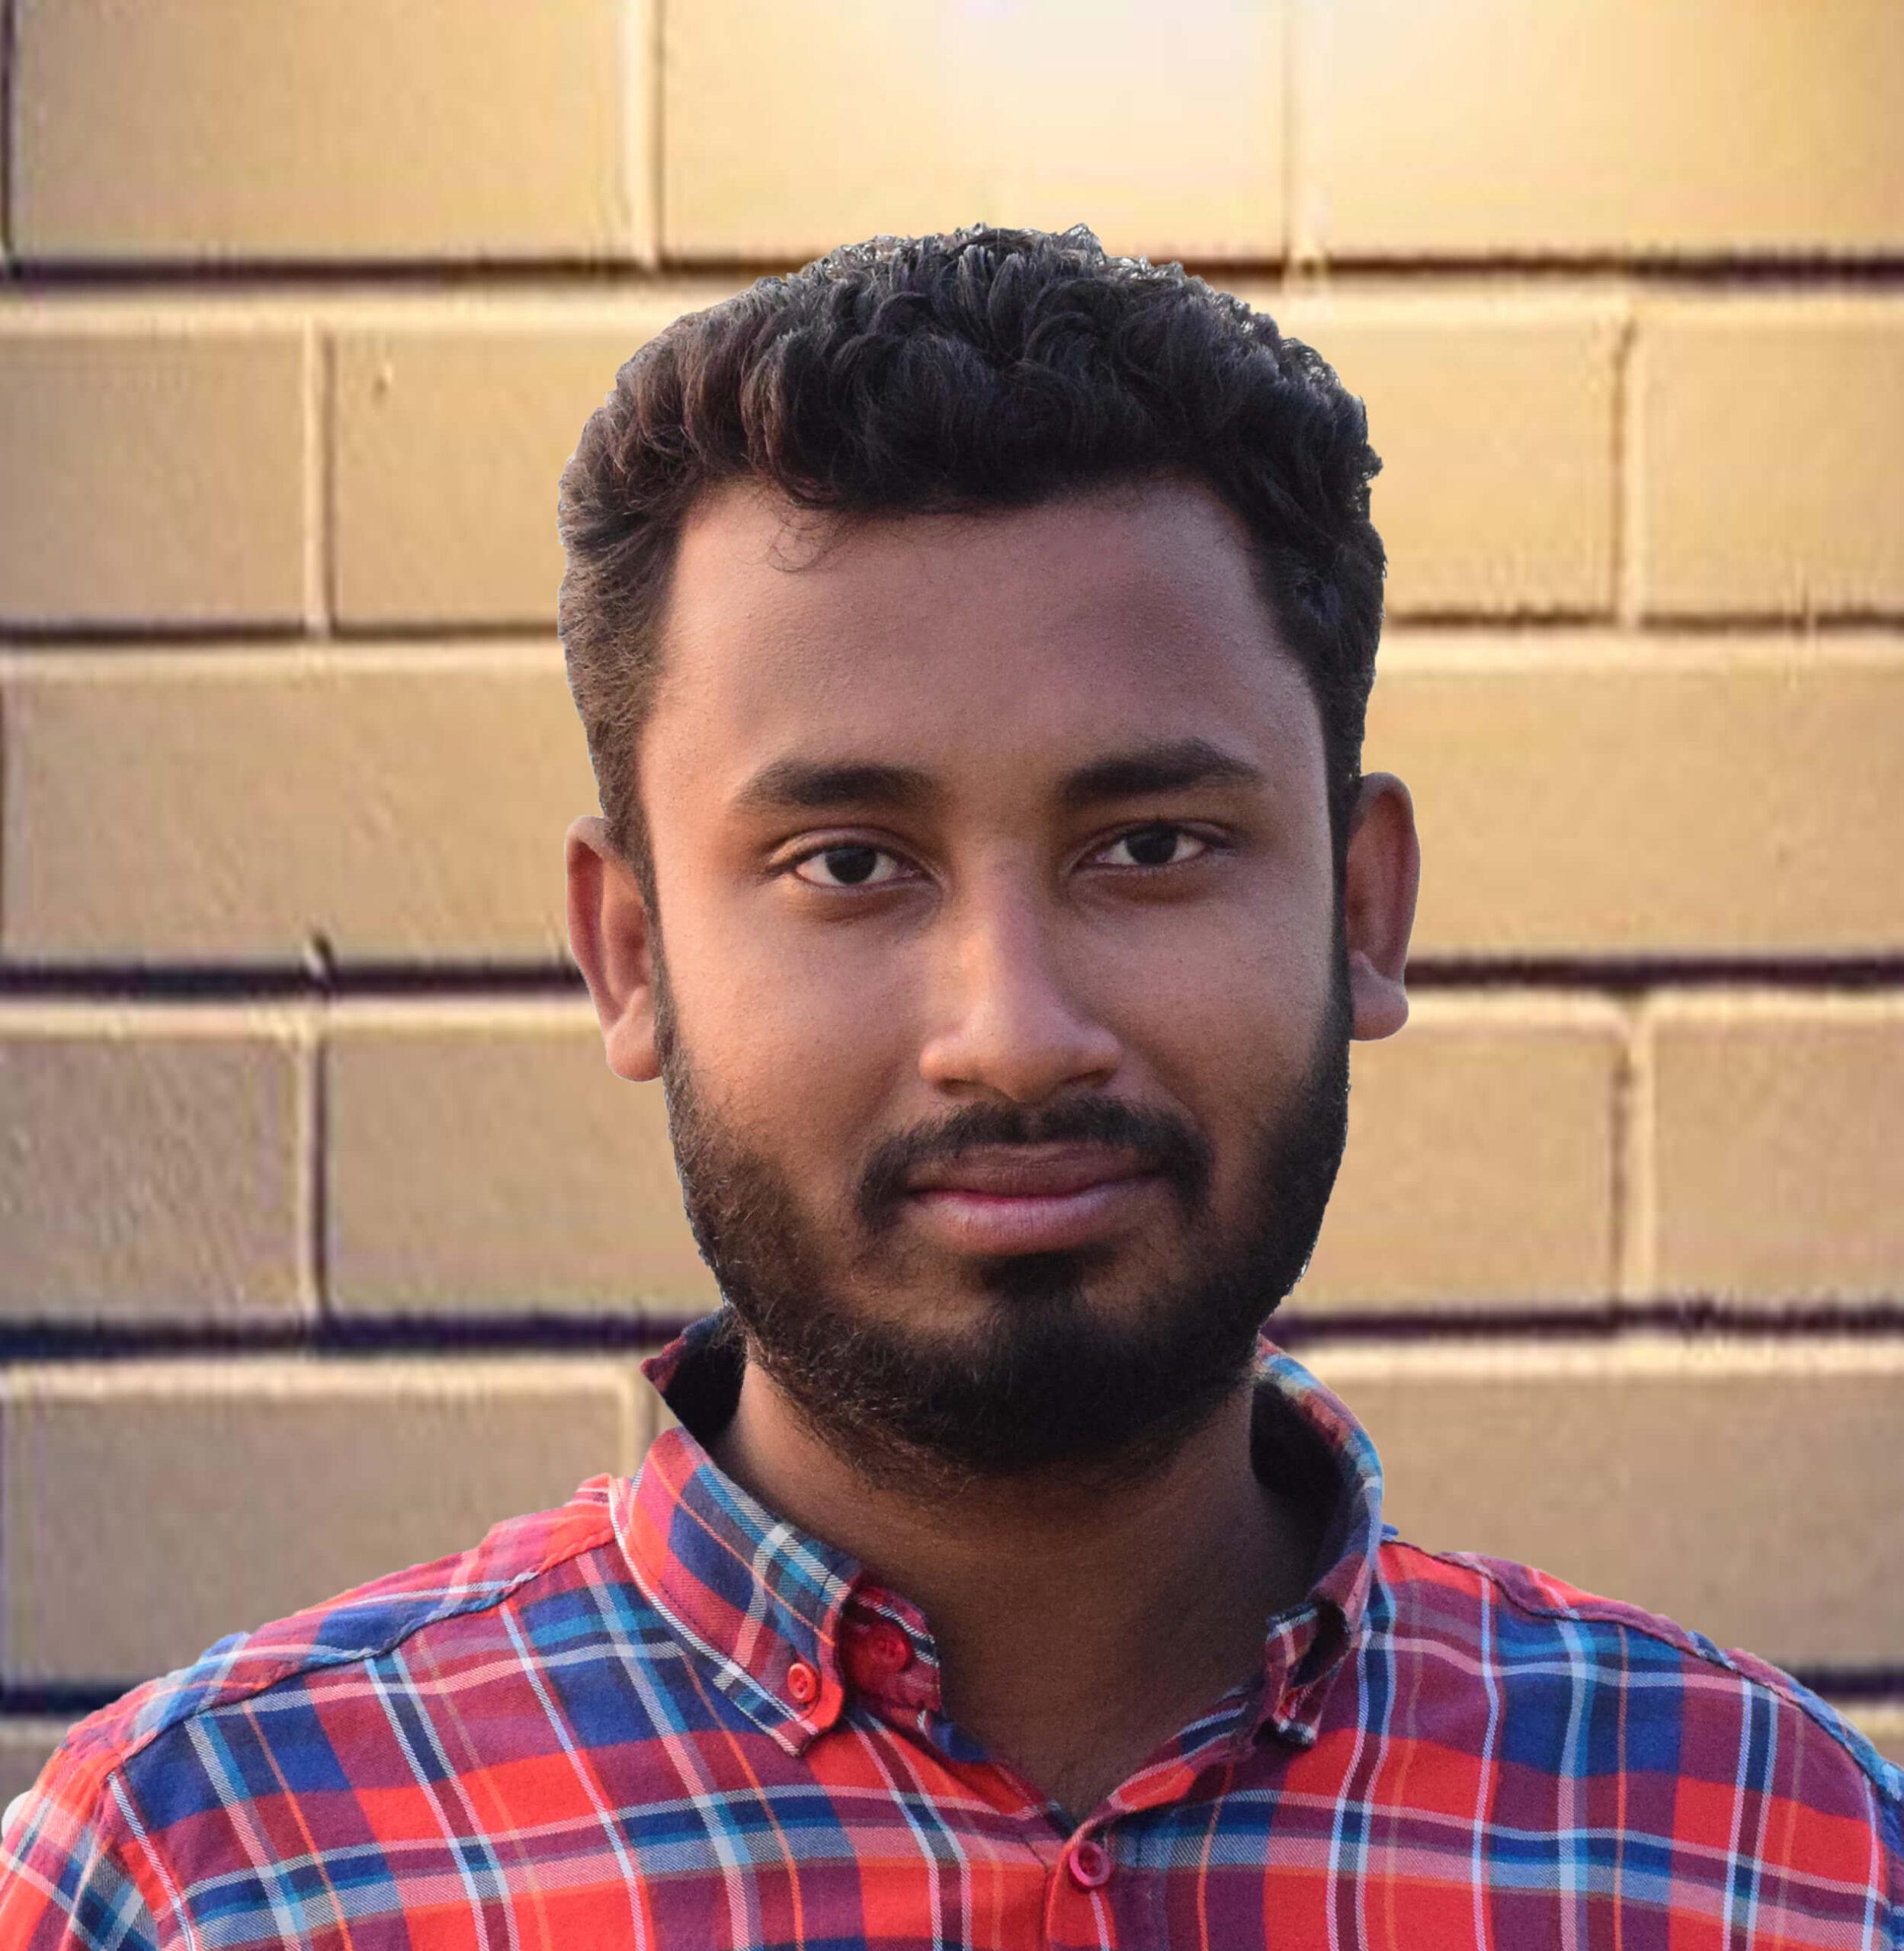 About Md Monir Uddin